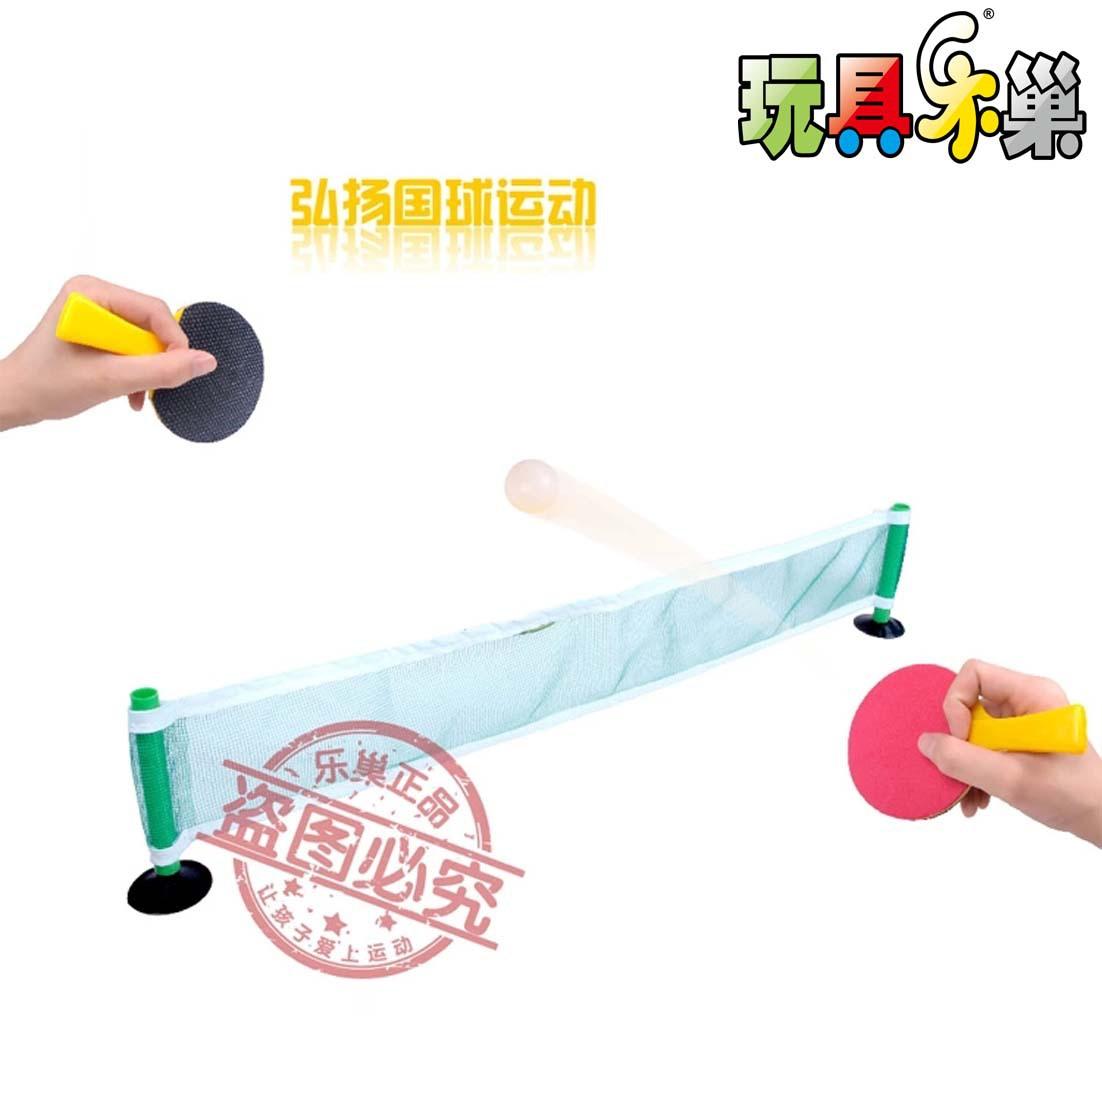 【迷你乒乓球拍塑料套装玩具